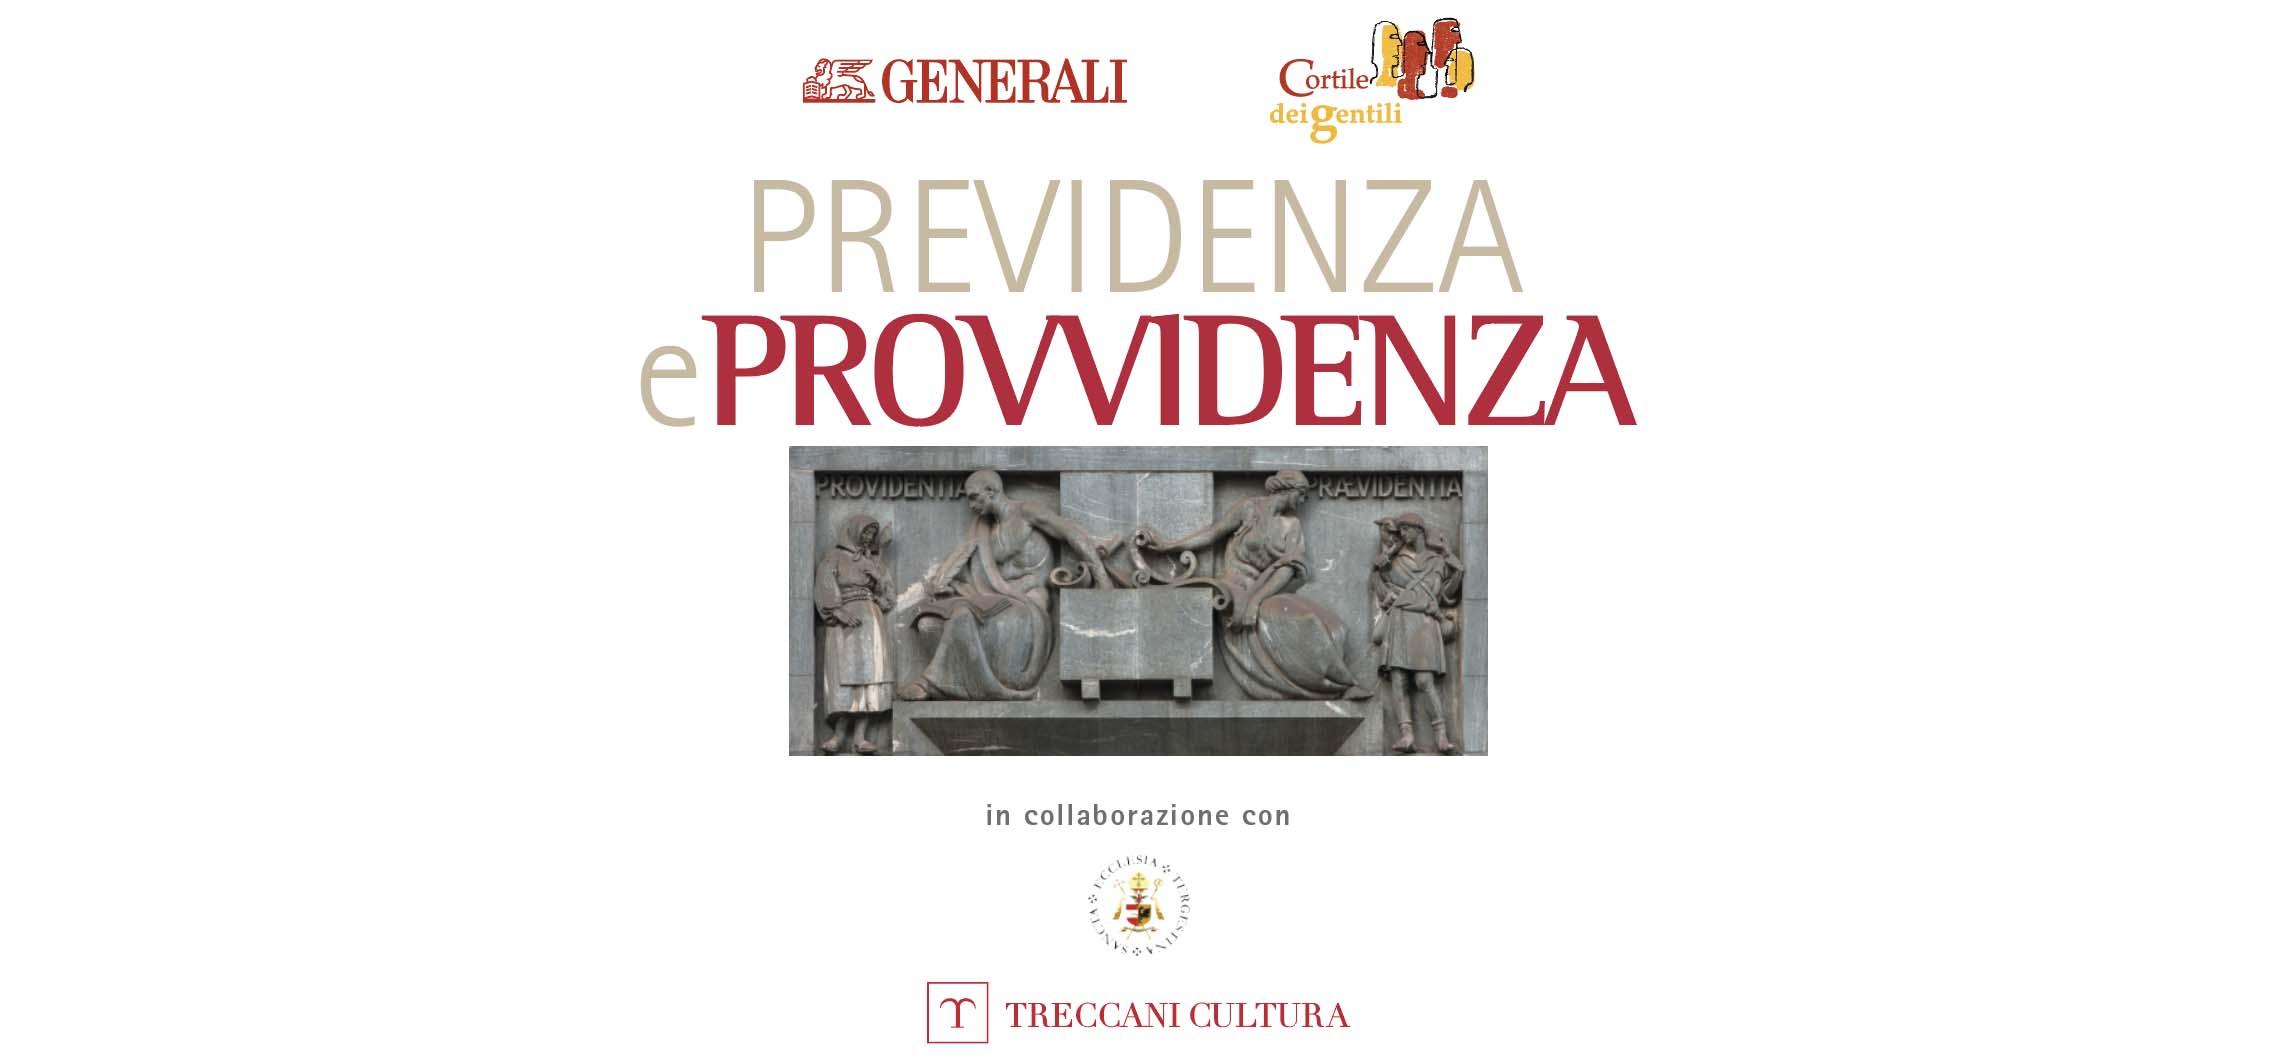 previdenza-e-provvidenza